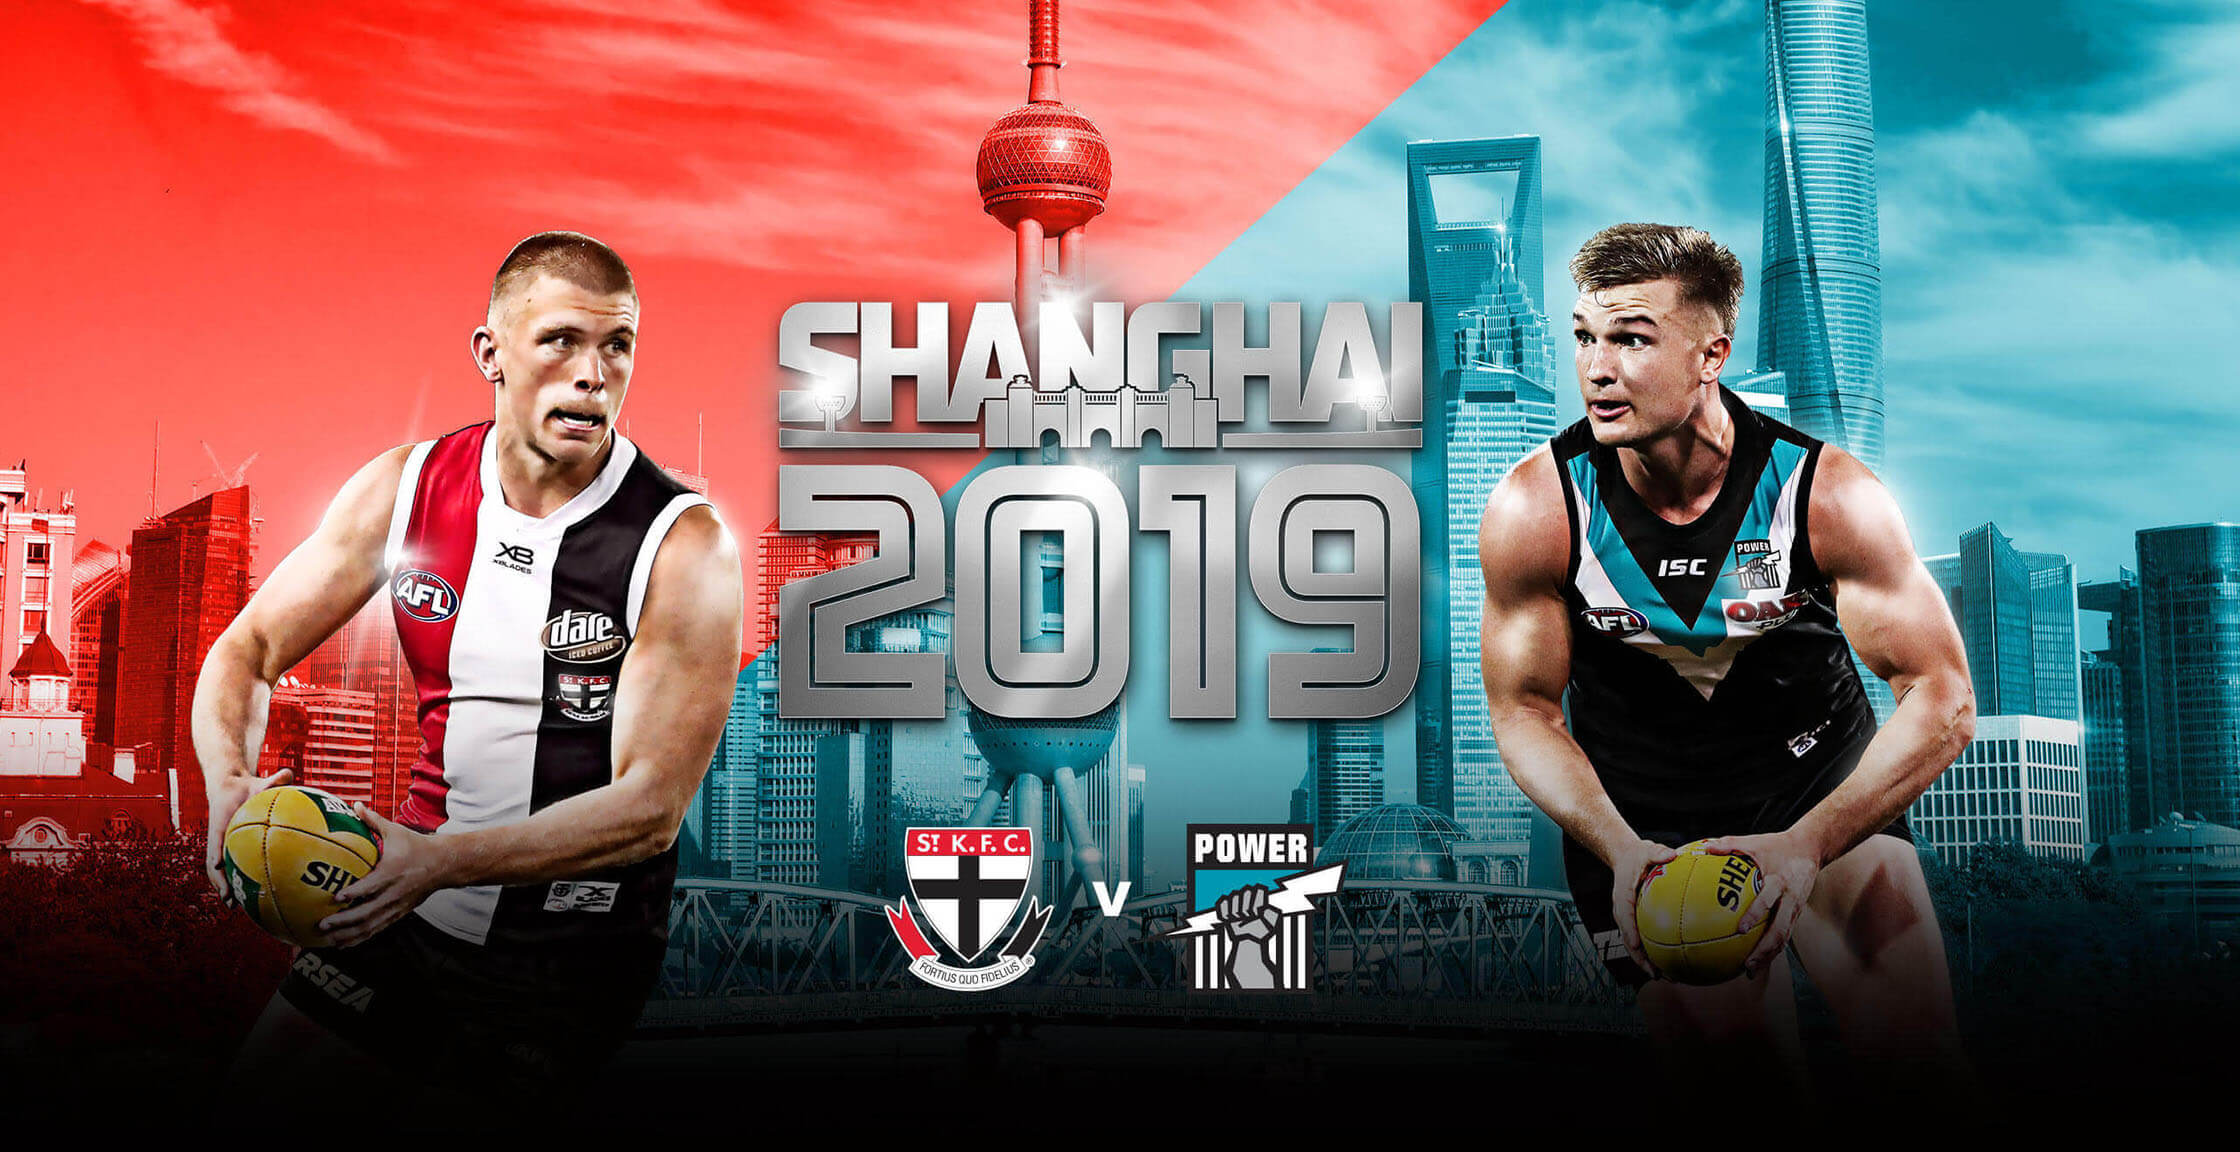 Shanghai 2019